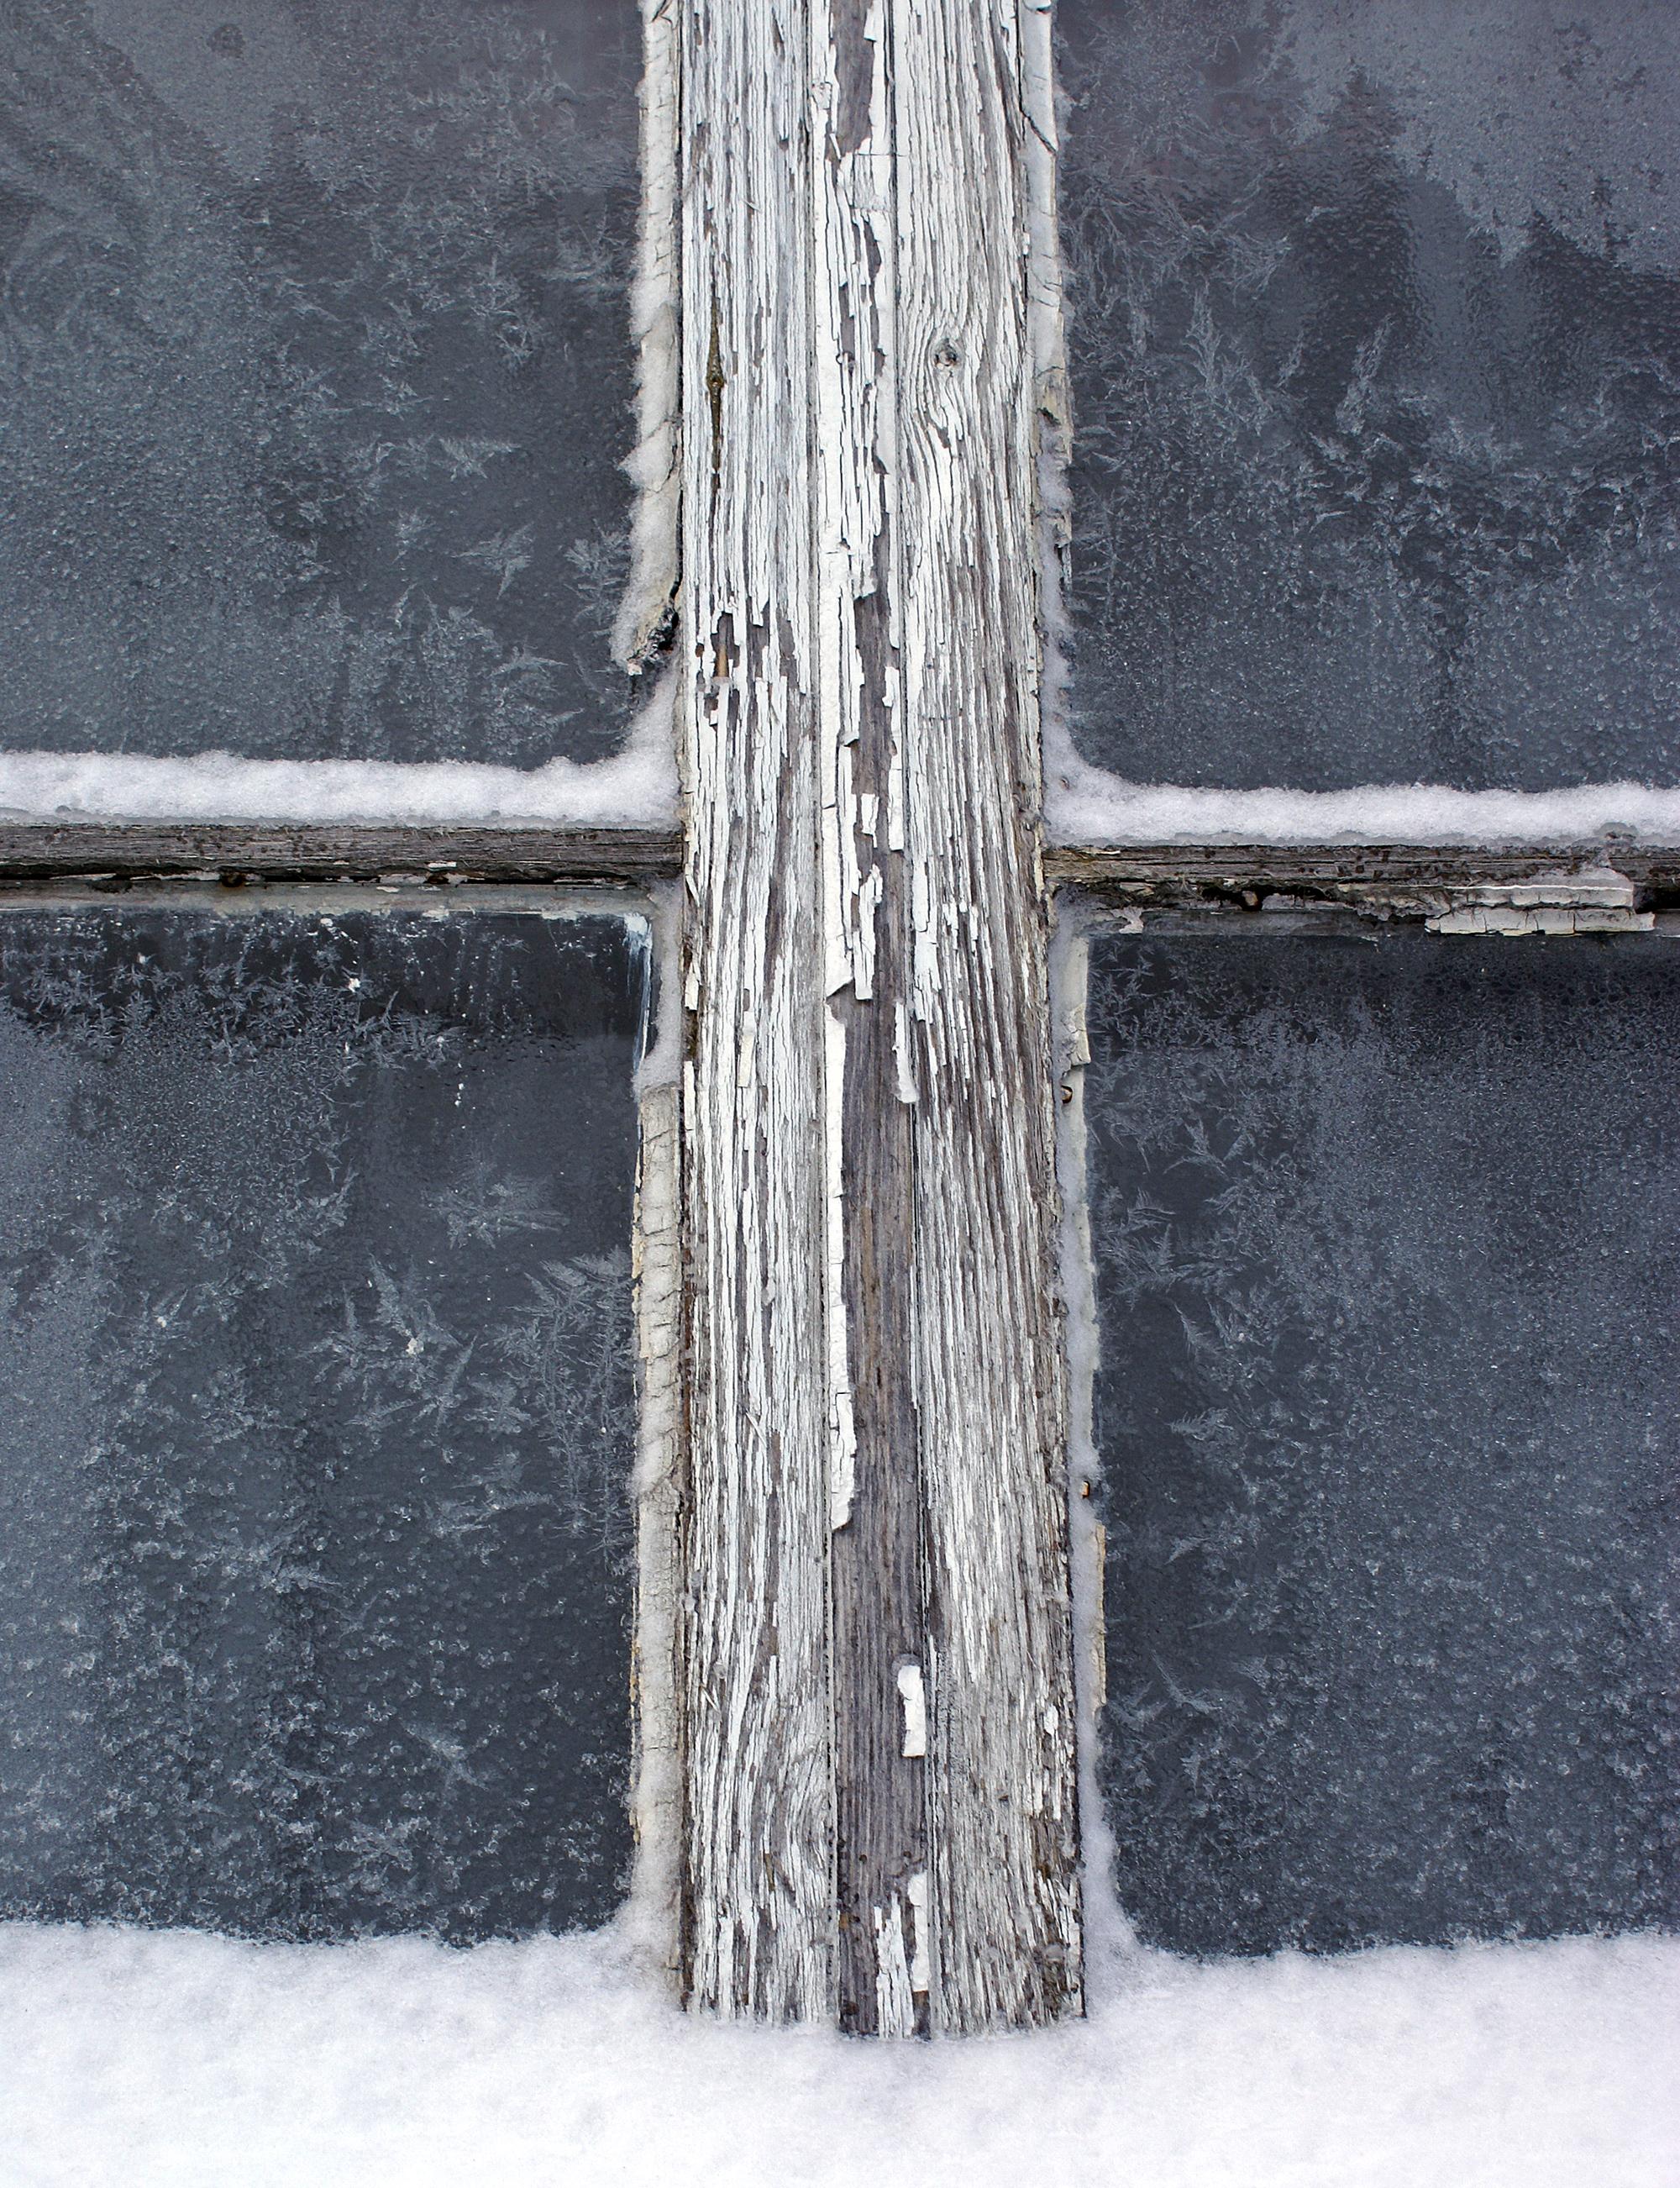 Window frozen open